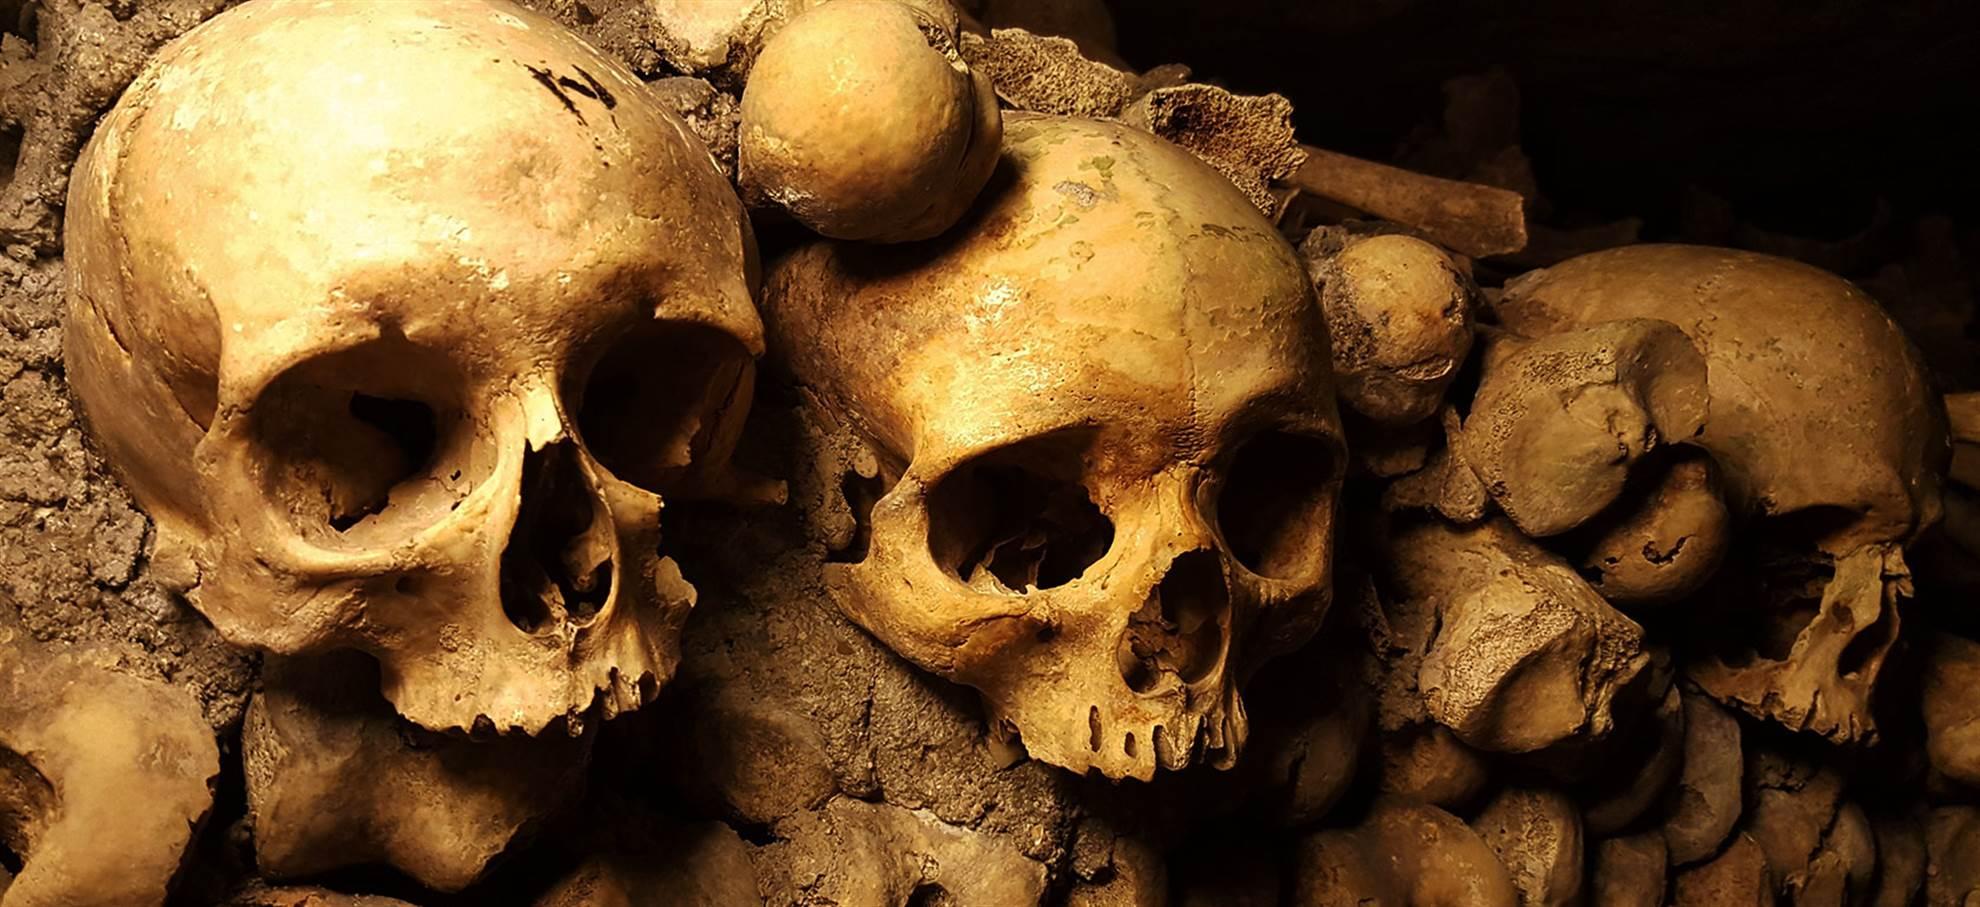 Catacombe di Parigi - Salta la fila!